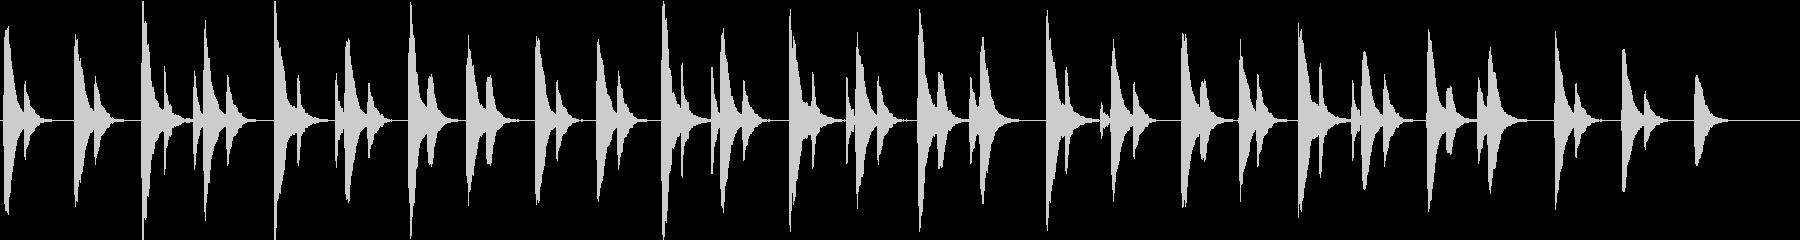 マリンバを使用した穏やかなアンビエントの未再生の波形